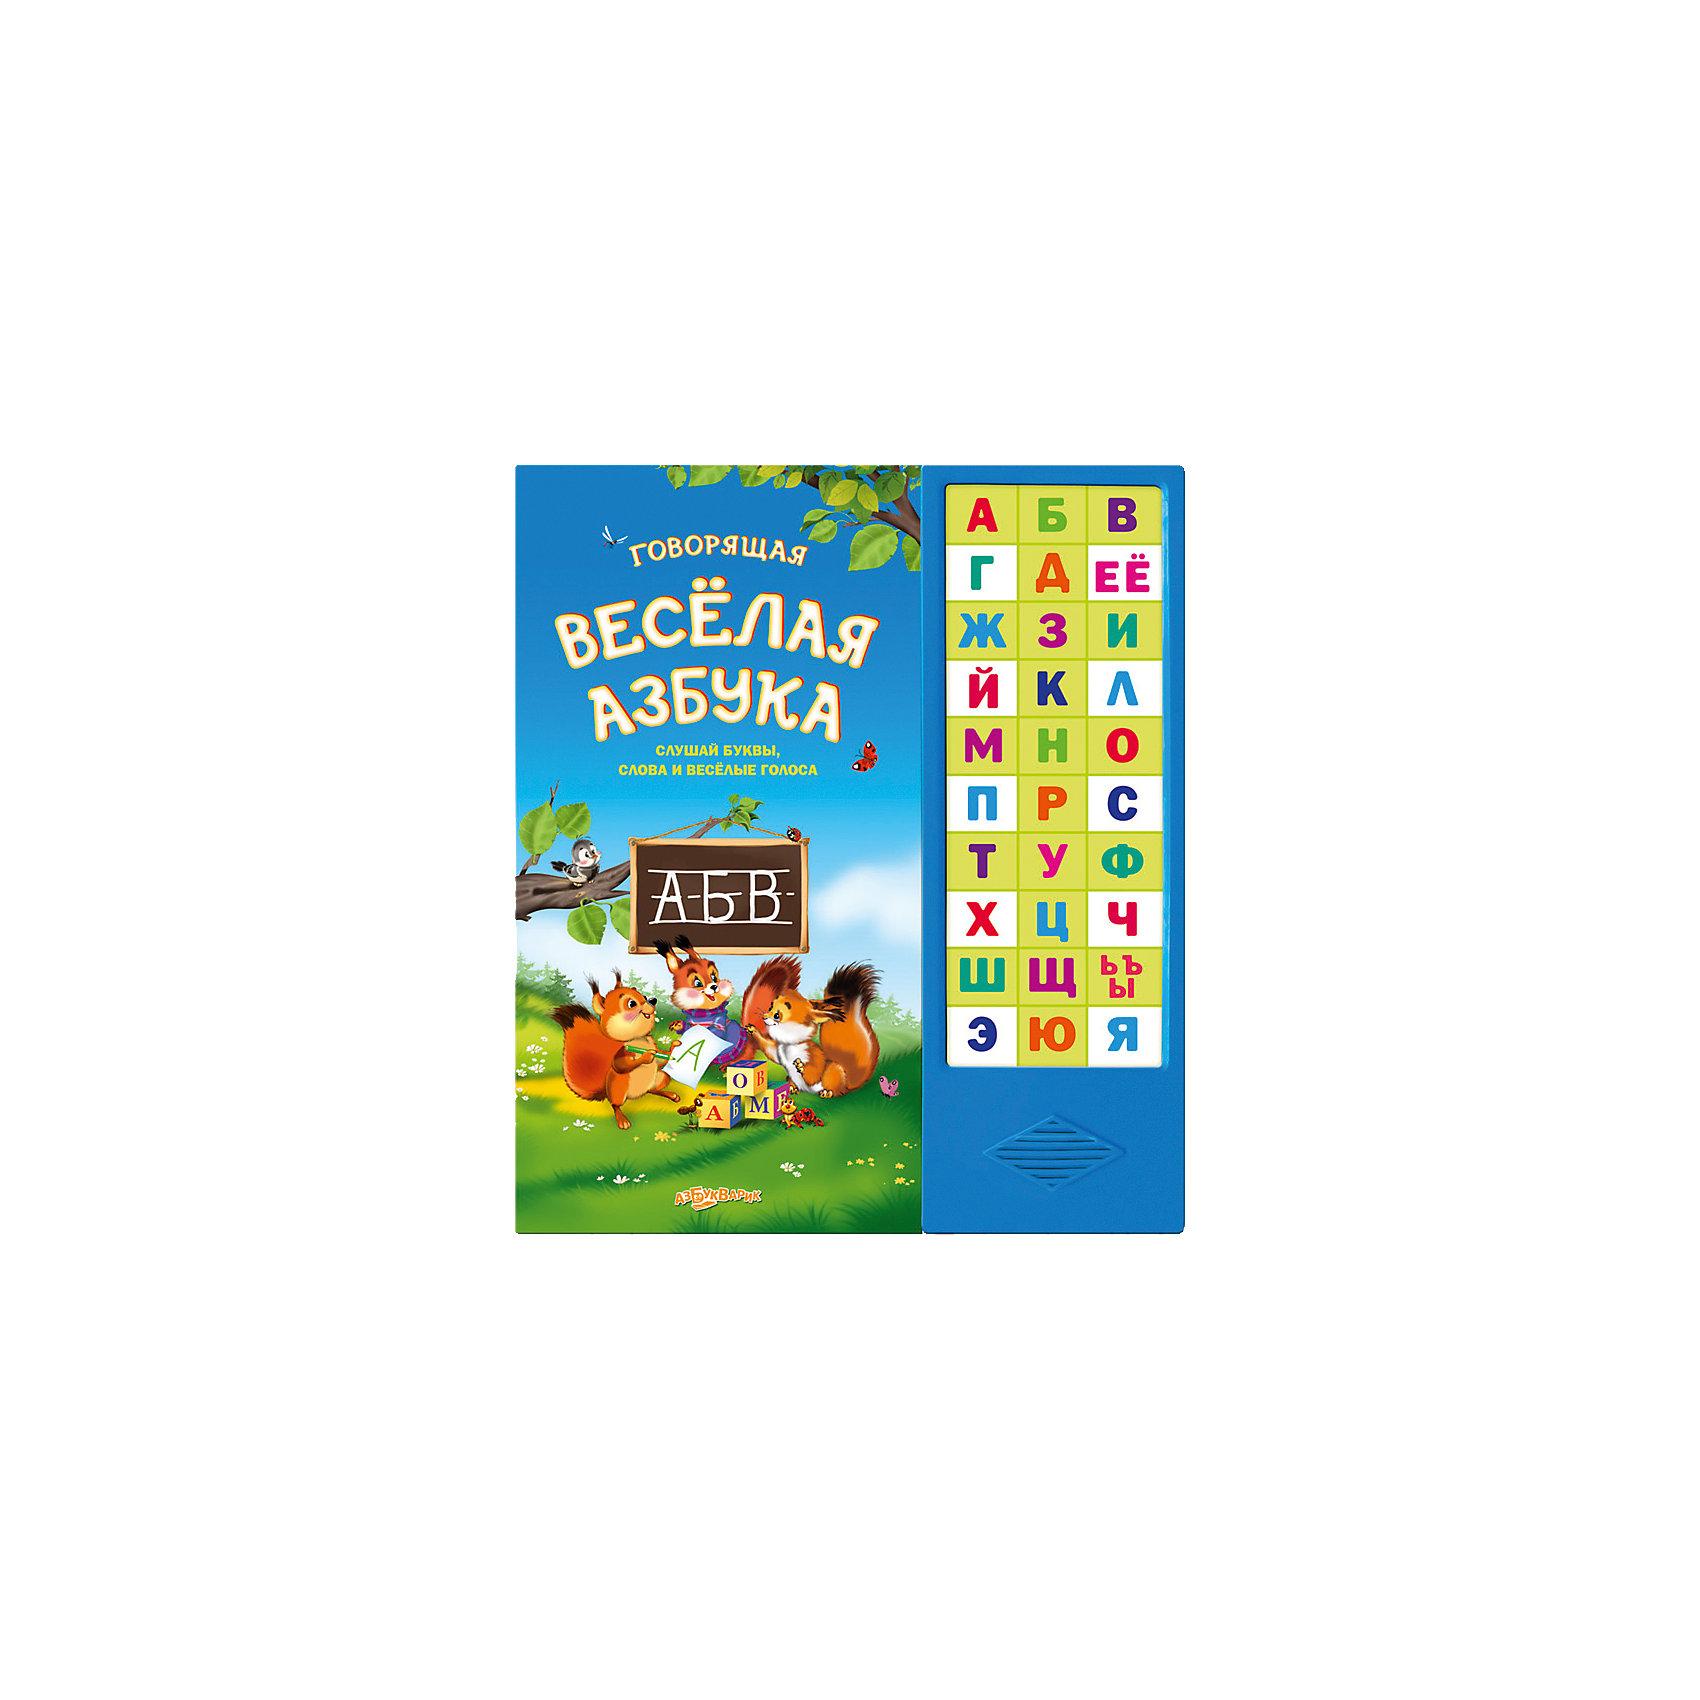 Книга Говорящая веселая азбукаКнига Говорящая веселая азбука - яркая развивающая книга, которая привлечет внимание Вашего малыша и поможет ему быстро и легко выучить алфавит. Каждая буква сопровождается яркой забавной иллюстрацией и весёлыми стихами, в которых зарифмовано несколько слов на одну букву. Нажав на кнопочку с изображением буквы, ребенок услышит как она произносится и слово на это букву. На каждой страничке имеются прописи, где можно поучиться писать. Благодаря гладкой картонной поверхности фломастер легко смывается и поэтому практиковаться можно снова и снова! На специальной страничке в конце книги нужно самому написать все буквы алфавита. Игрушка развивает у ребенка логическое мышление, цветовое и звуковое восприятие, тренирует мелкую моторику, прививает интерес к книгам. <br><br>Дополнительная информация:<br><br>- Серия: Говорящая азбука.<br>- Автор: В. Зубкова.  <br>- Иллюстраторы: И. Есаулов, О. Ершов, К. Саланда.<br>- Материал: картон, пластик. <br>- Требуются батарейки: 3 х LR03 1.5V (входят в комплект).<br>- Объем: 16 стр.<br>- Иллюстрации: цветные.<br>- Размер: 26 х 29,5 х 1,5 см.<br>- Вес: 0,6 кг.<br><br>Книгу Говорящая веселая азбука, Азбукварик, можно купить в нашем интернет-магазине.<br><br>Ширина мм: 260<br>Глубина мм: 15<br>Высота мм: 295<br>Вес г: 120<br>Возраст от месяцев: 24<br>Возраст до месяцев: 60<br>Пол: Унисекс<br>Возраст: Детский<br>SKU: 4494068